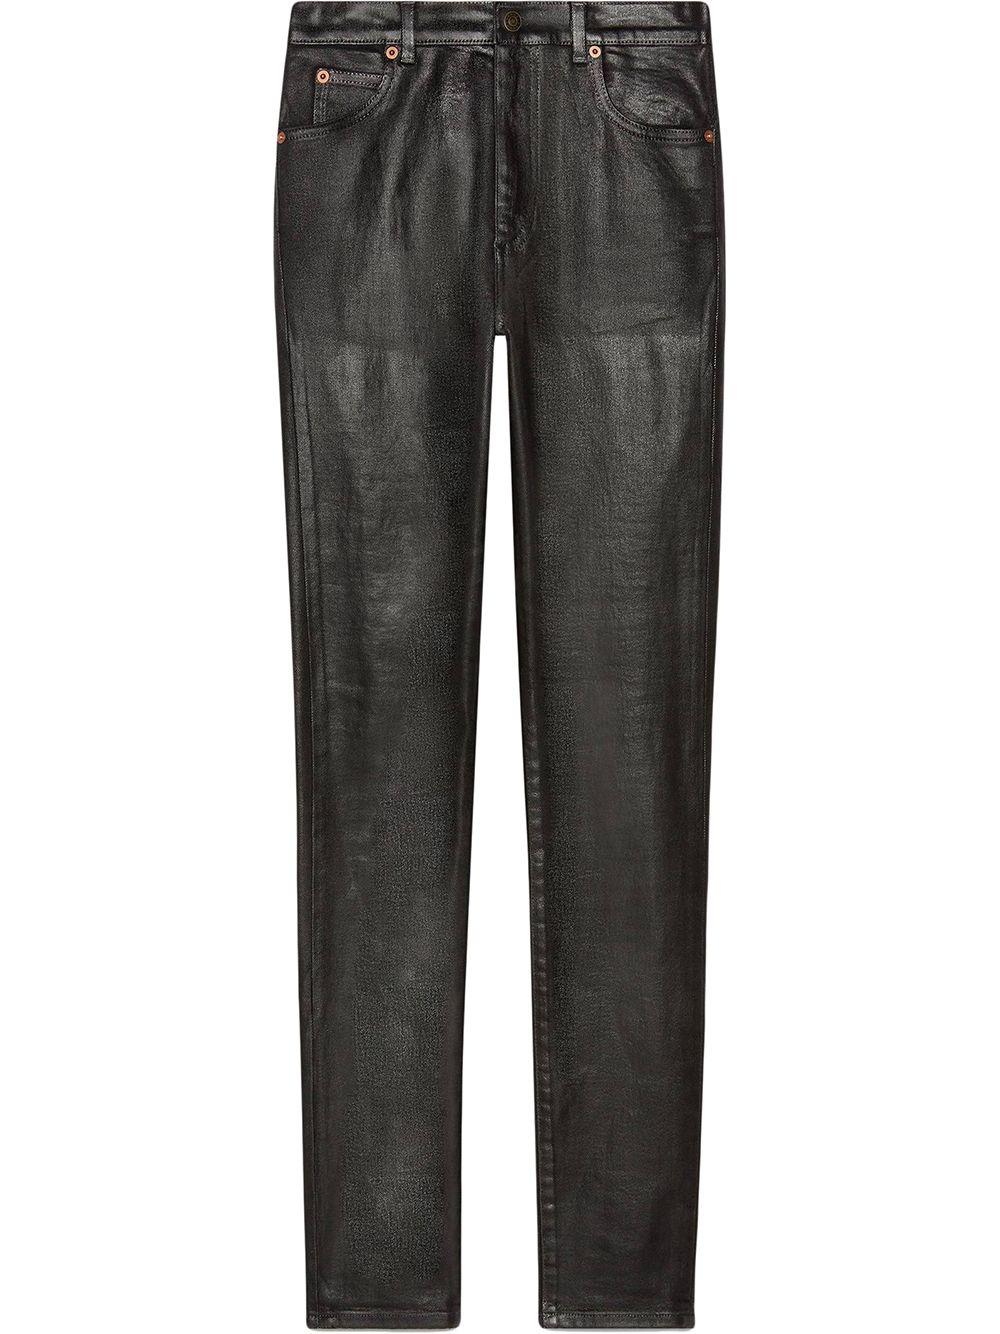 Gucci Klassische Skinny-Jeans - Schwarz